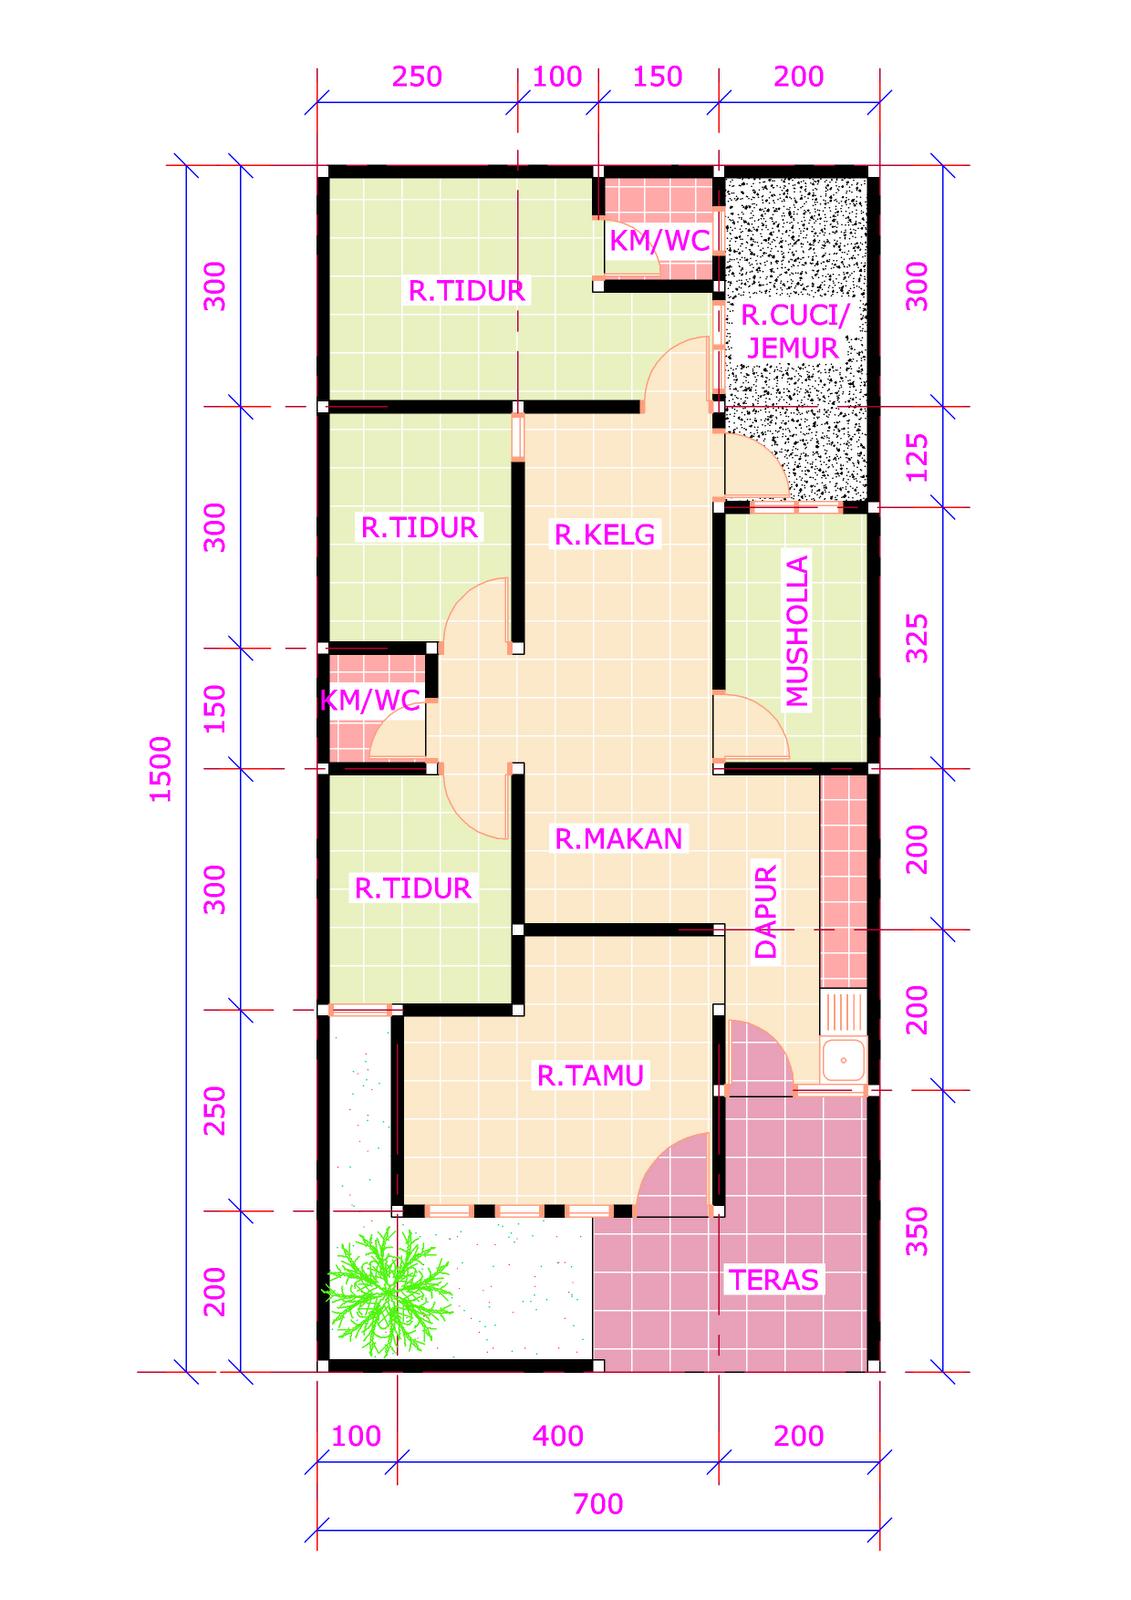 20 Desain Rumah 3 Kamar Tidur 1 Mushola  Desain Rumah Modern  Home Plans in 2019  House